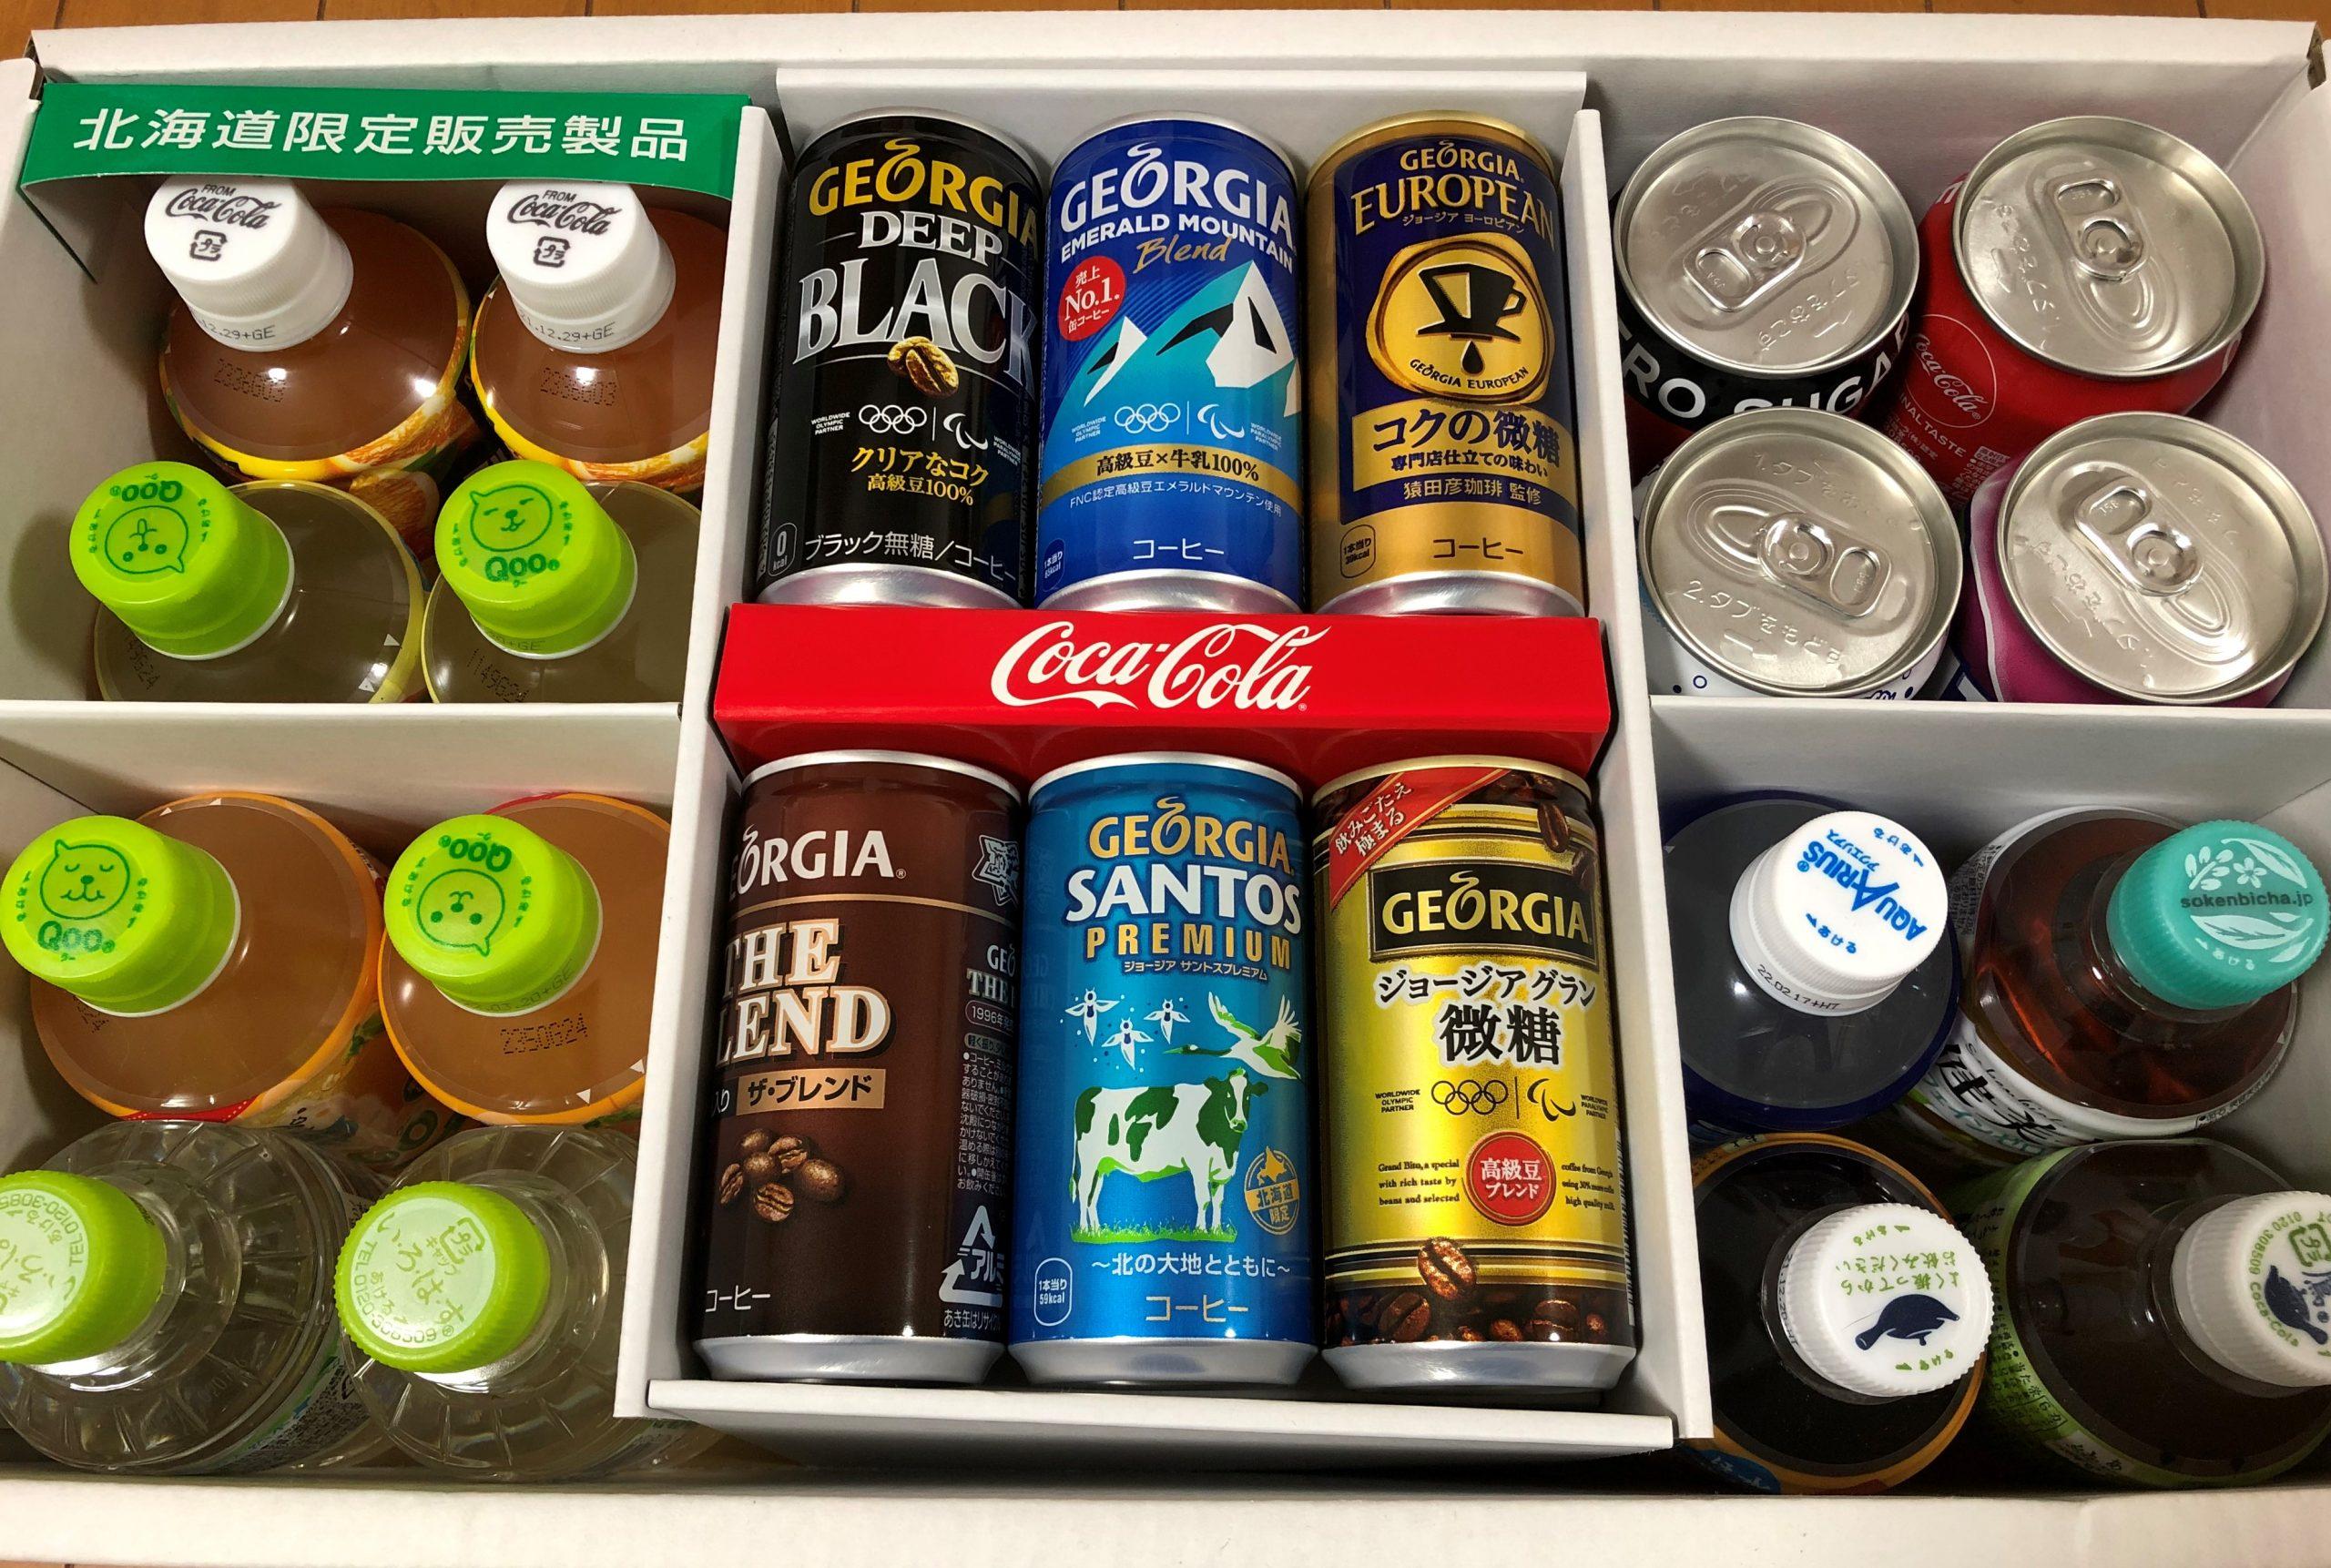 北海道コカ・コーラからの株主優待品